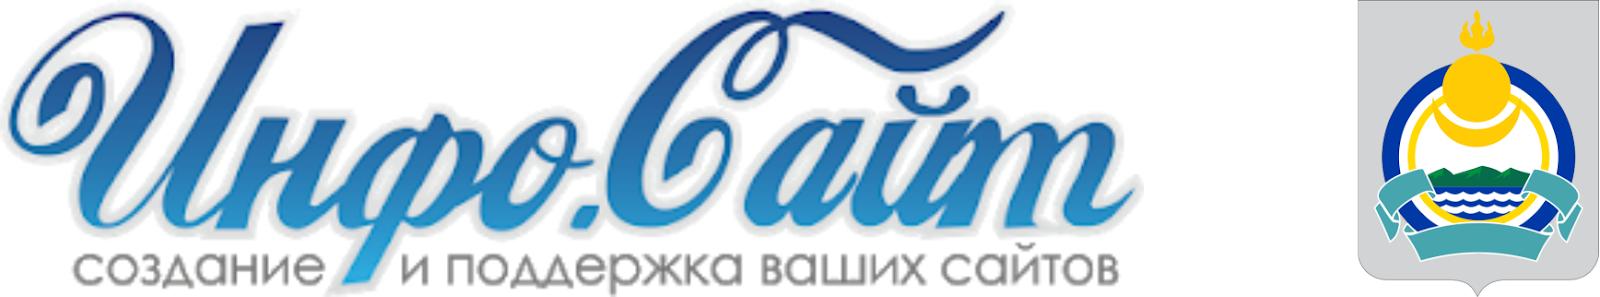 Бурятия 🌍 Новости : Информационный агрегатор Инфо-Сайт